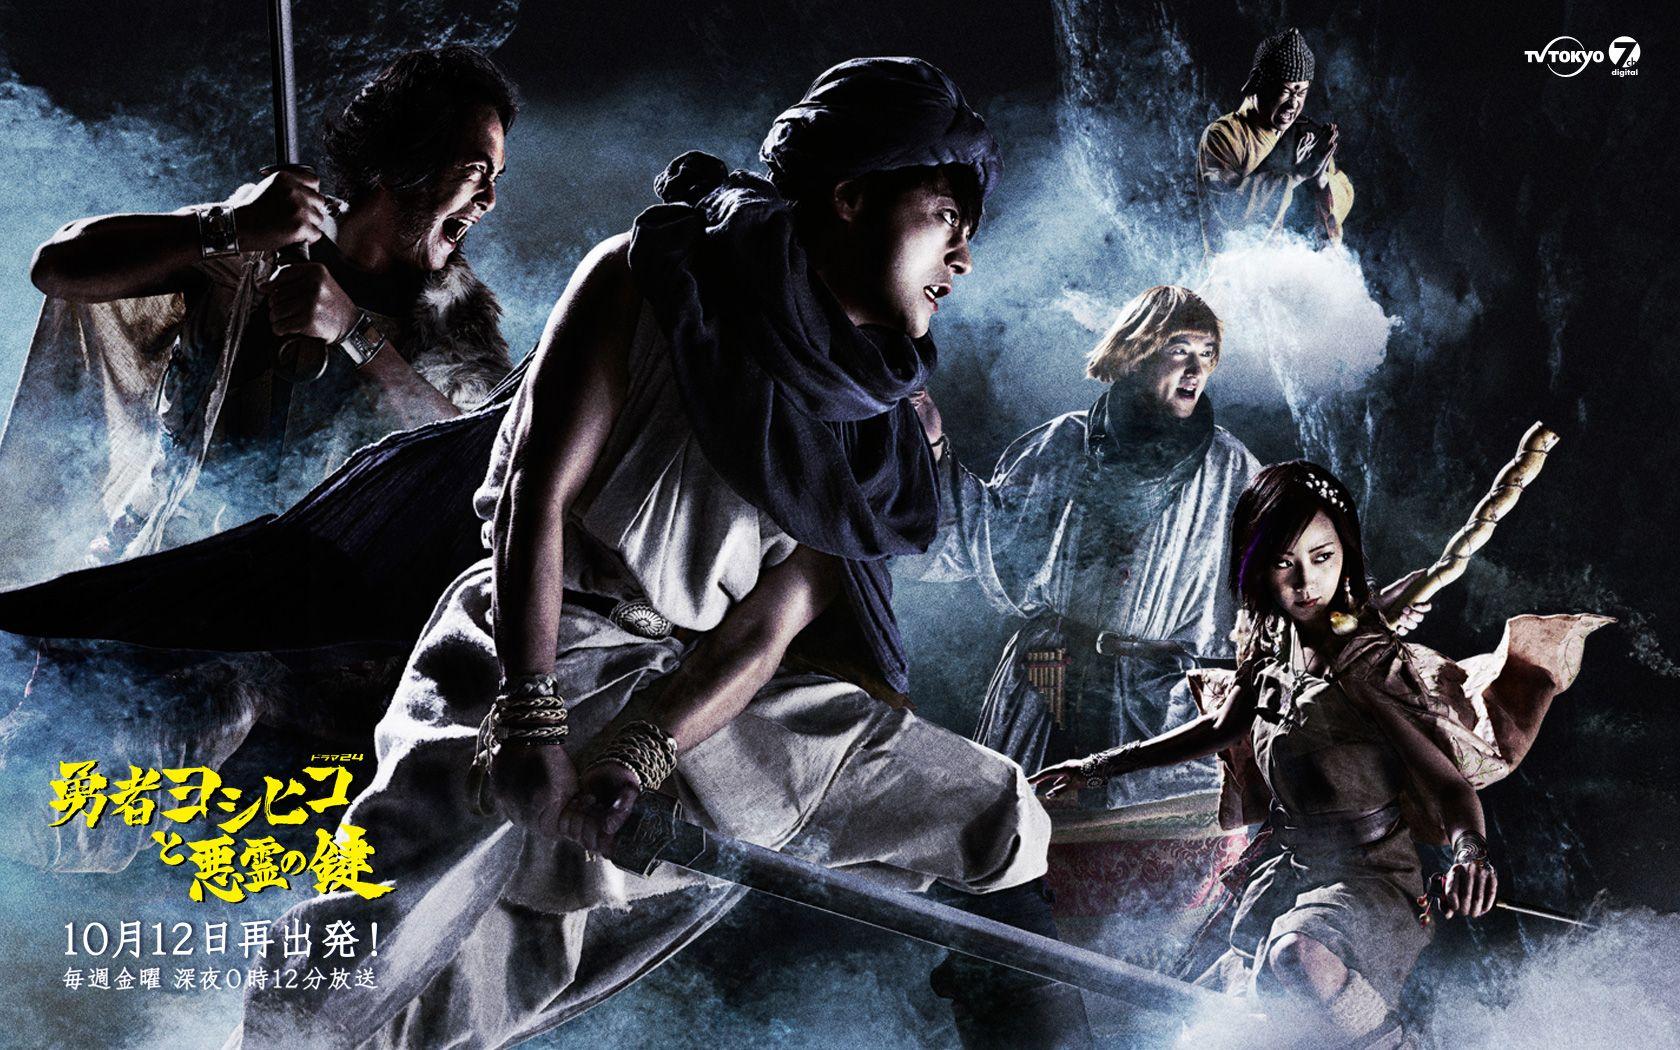 ドラマ24 勇者ヨシヒコと悪霊の鍵 テレビ東京番組公式サイトを巡って 宝を手に入れろ 悪霊 ドラマ Tv ドラマ